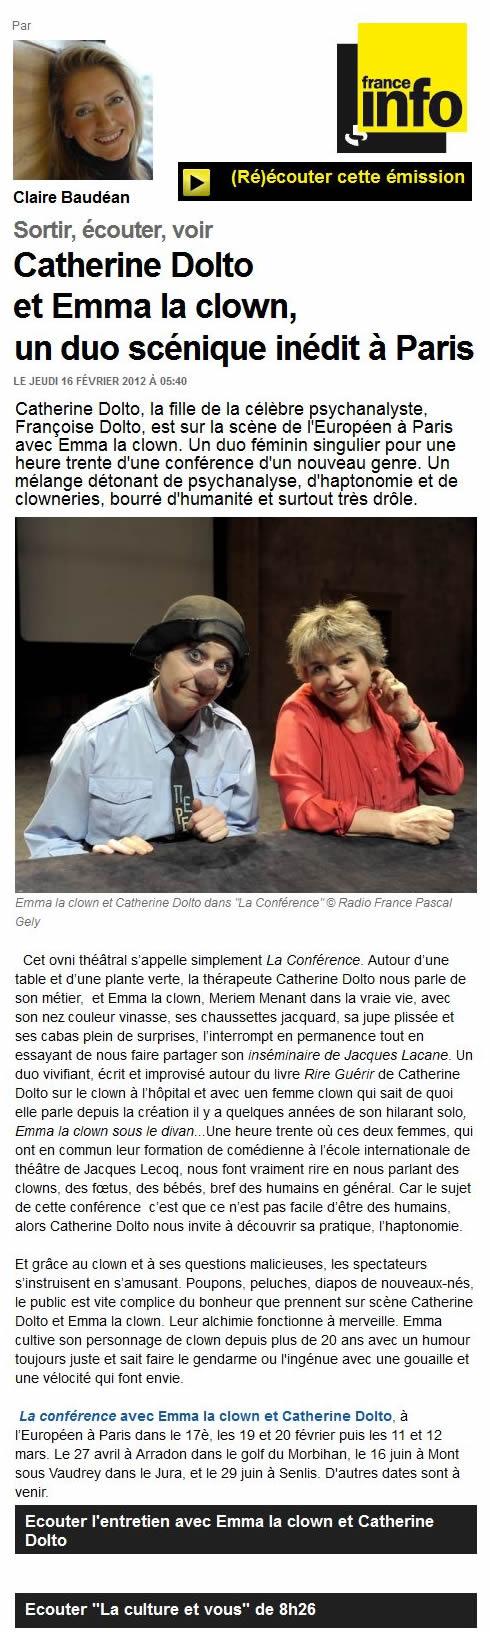 presse_conference_france_info_baudean_fev_2012